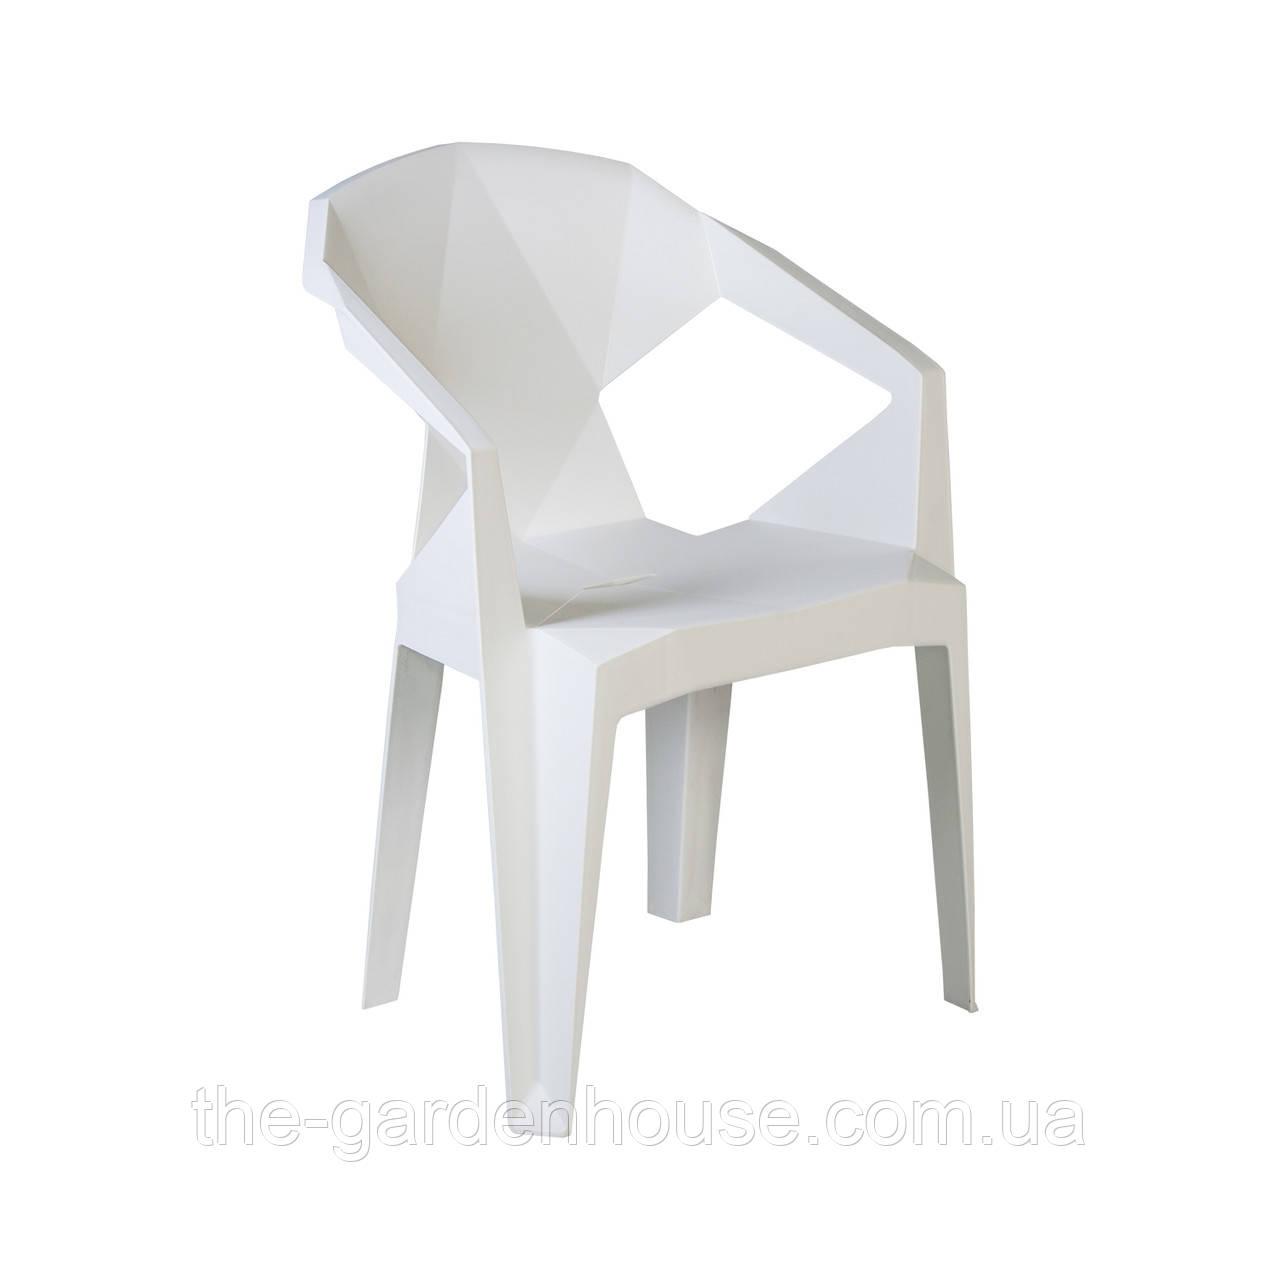 Пластиковый стул с подлокотниками Muze белый